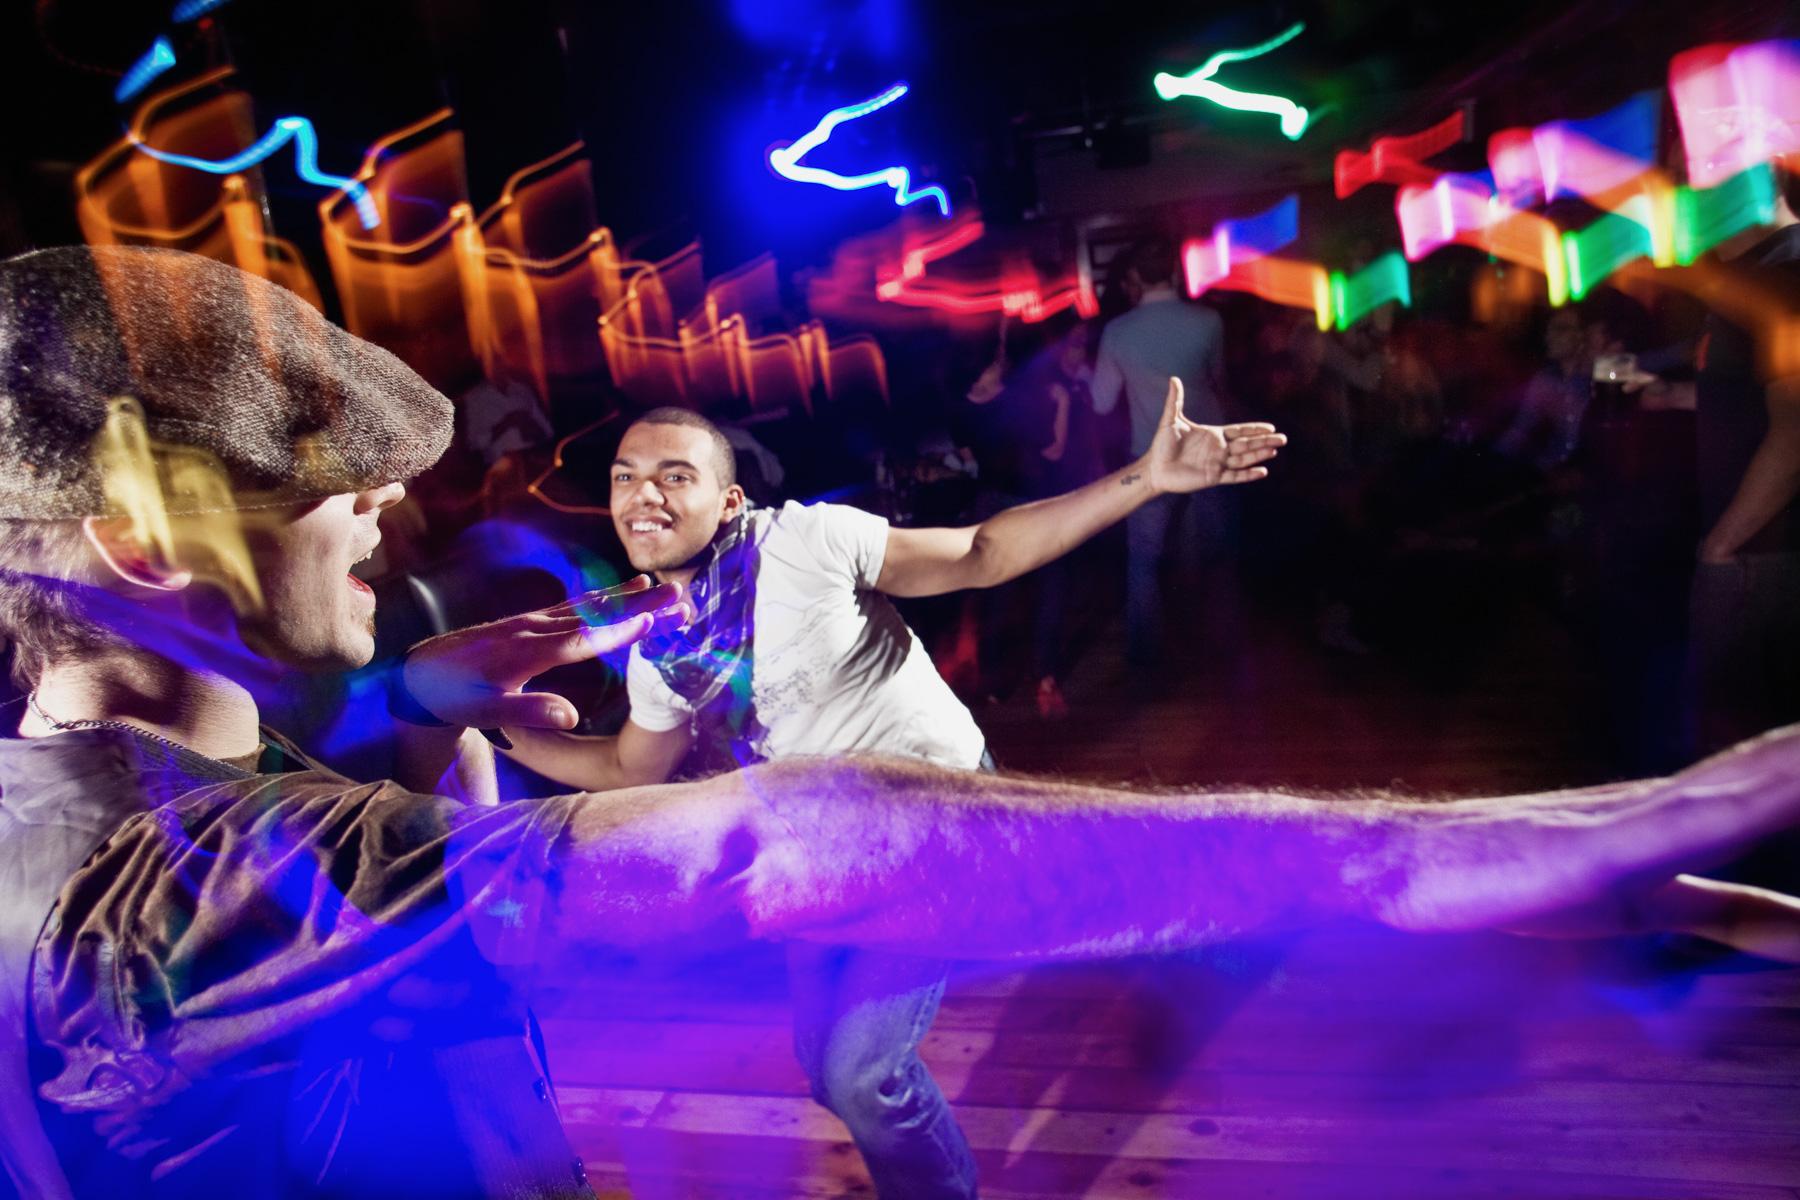 dance-gay-night-1.jpg